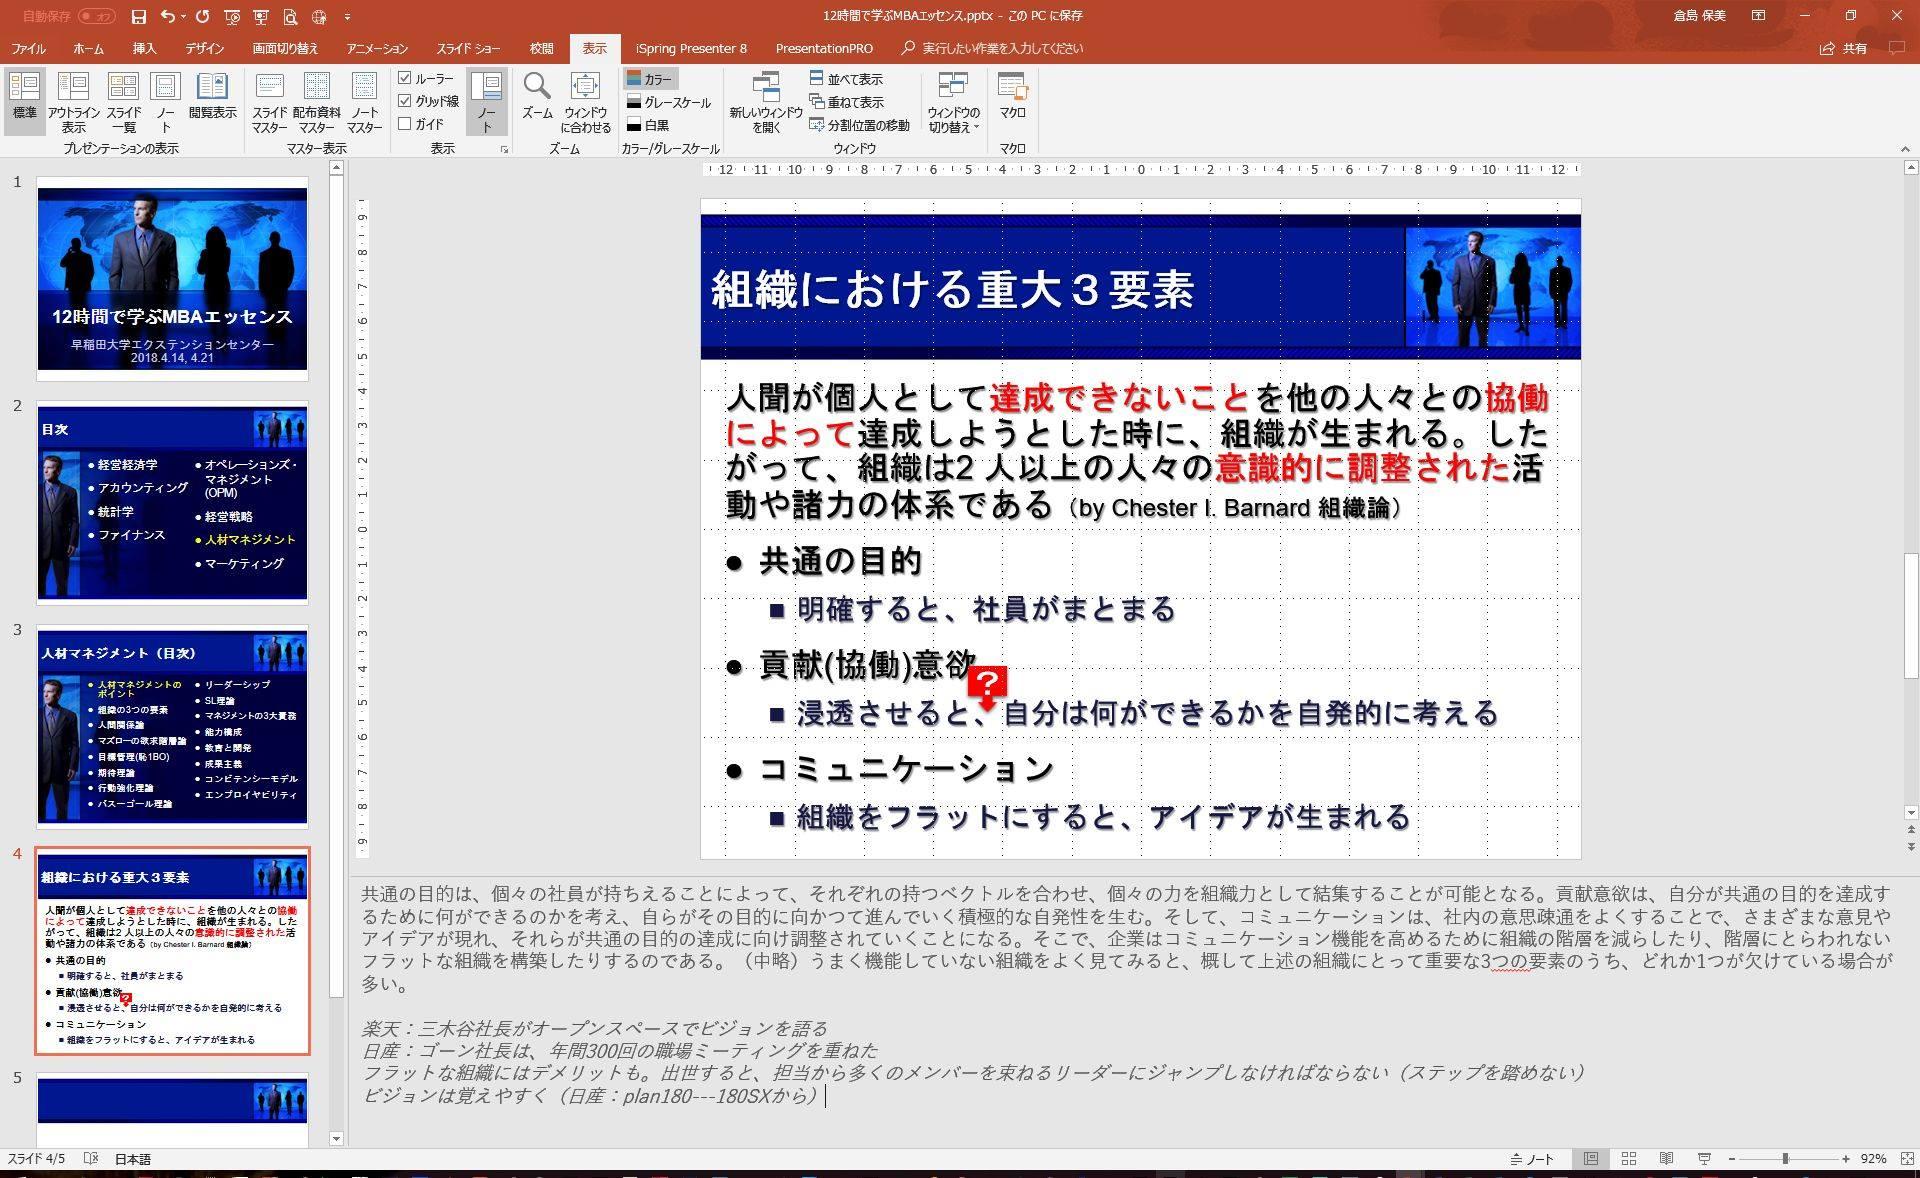 MBA_note1.jpg